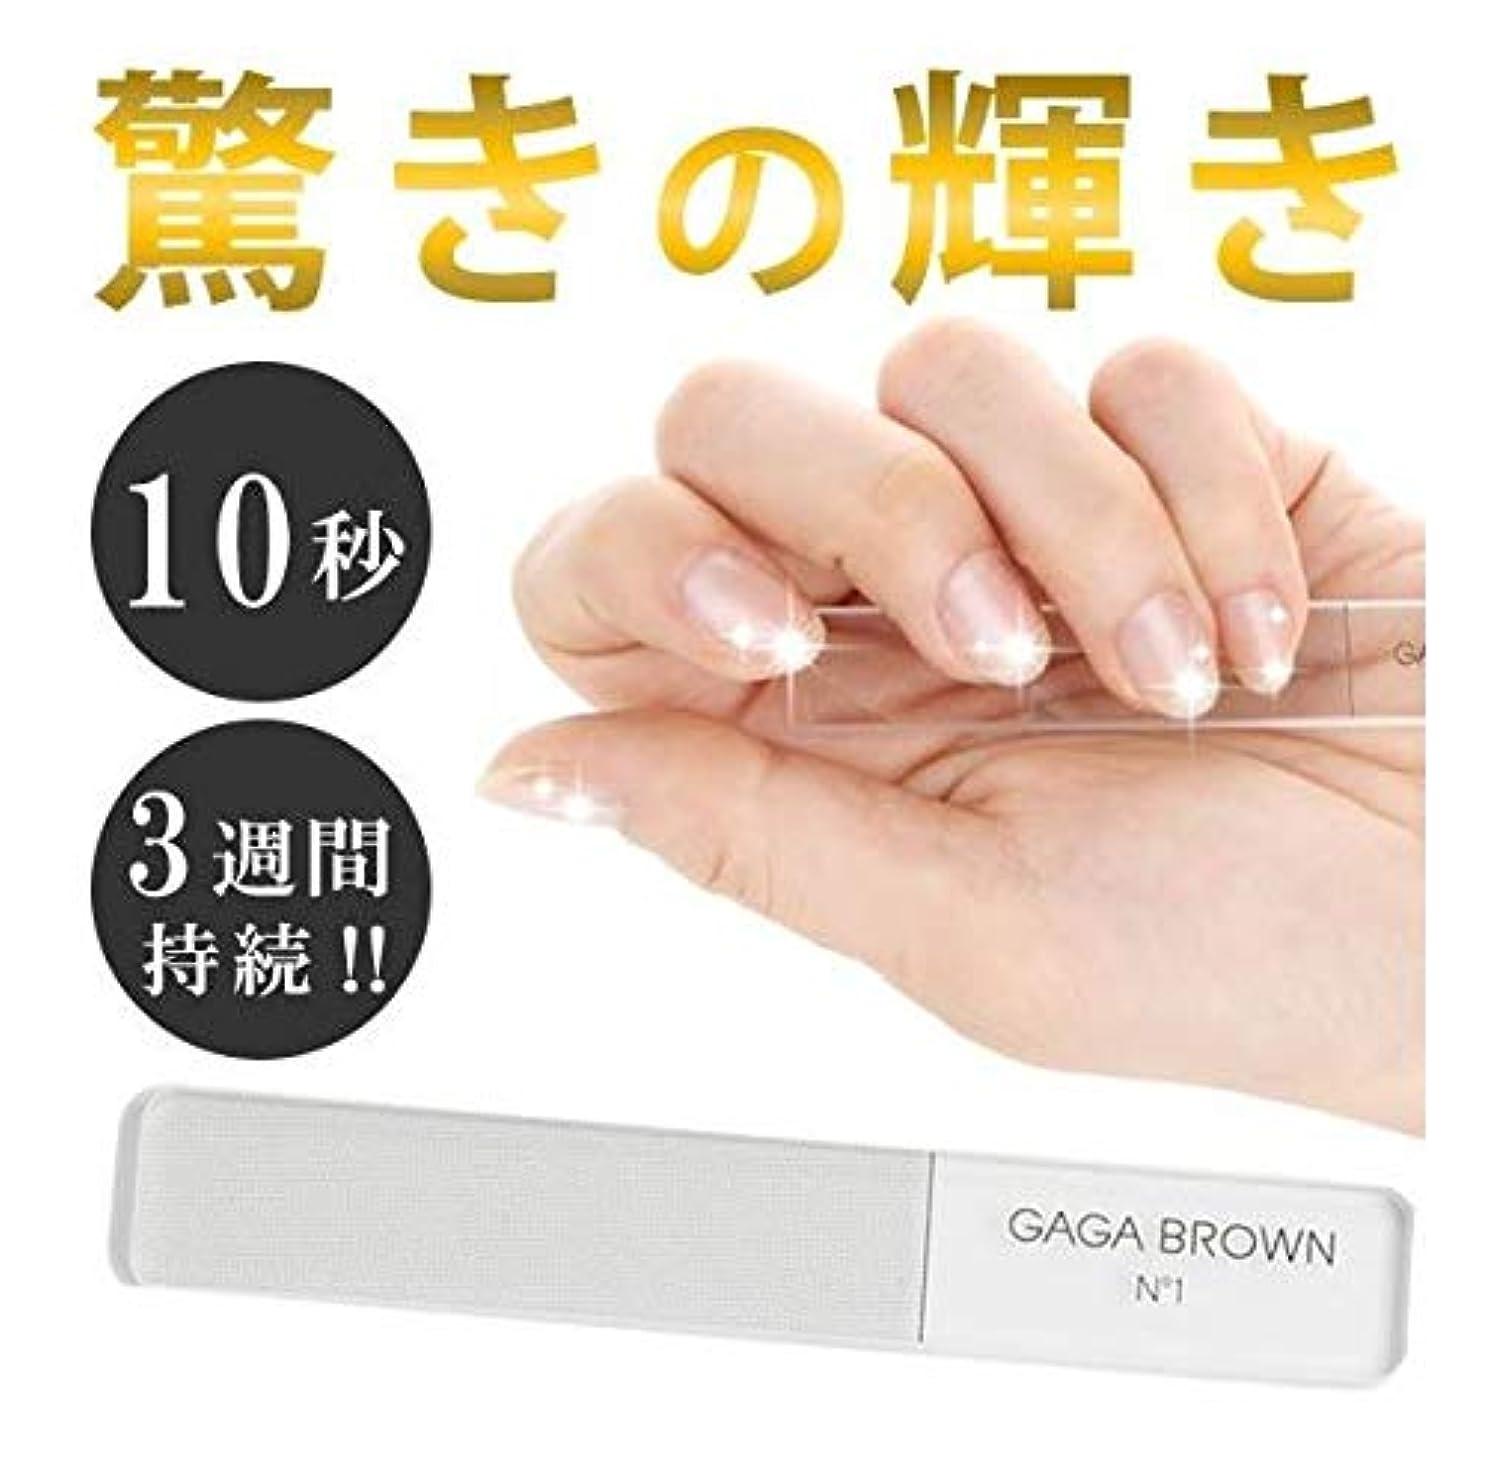 硬さ規則性ガジュマルGAGABROWN N1 NAIL SHINER(ガガブラウン ネイルシャイナー) 爪磨き 爪みがき 爪やすり ガラス製 バッファー つめやすり